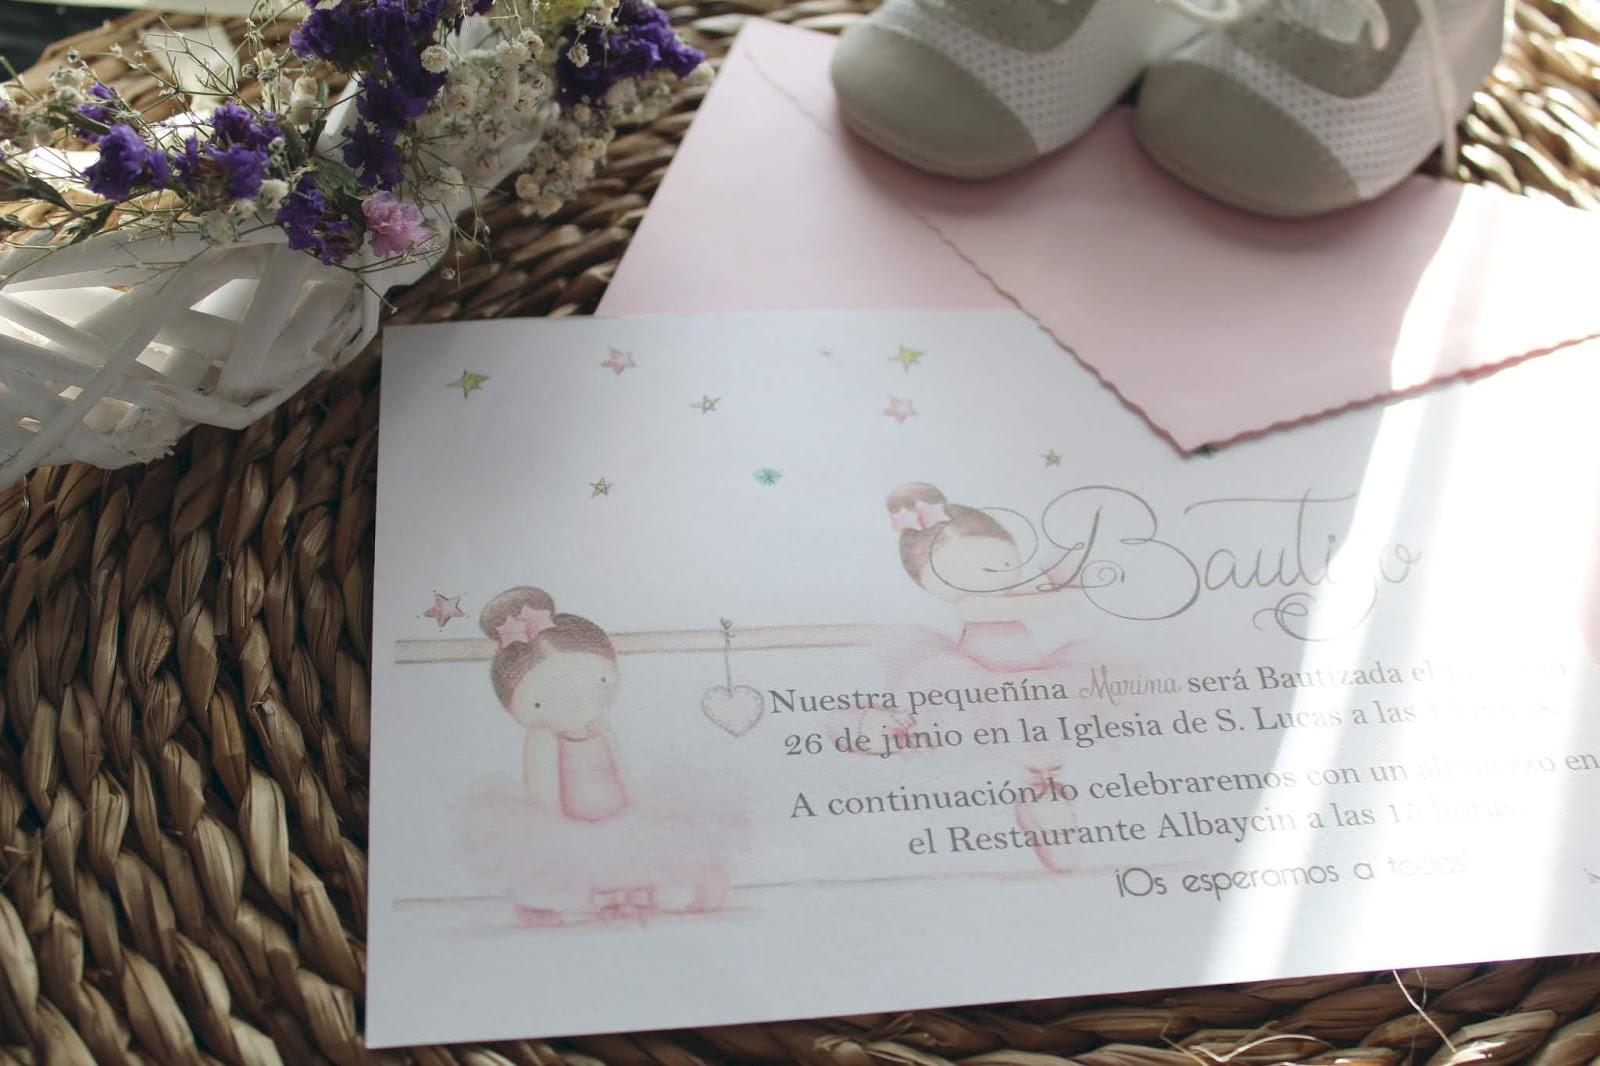 Tiernas Invitaciones de Bautizo mis secretos de boda events